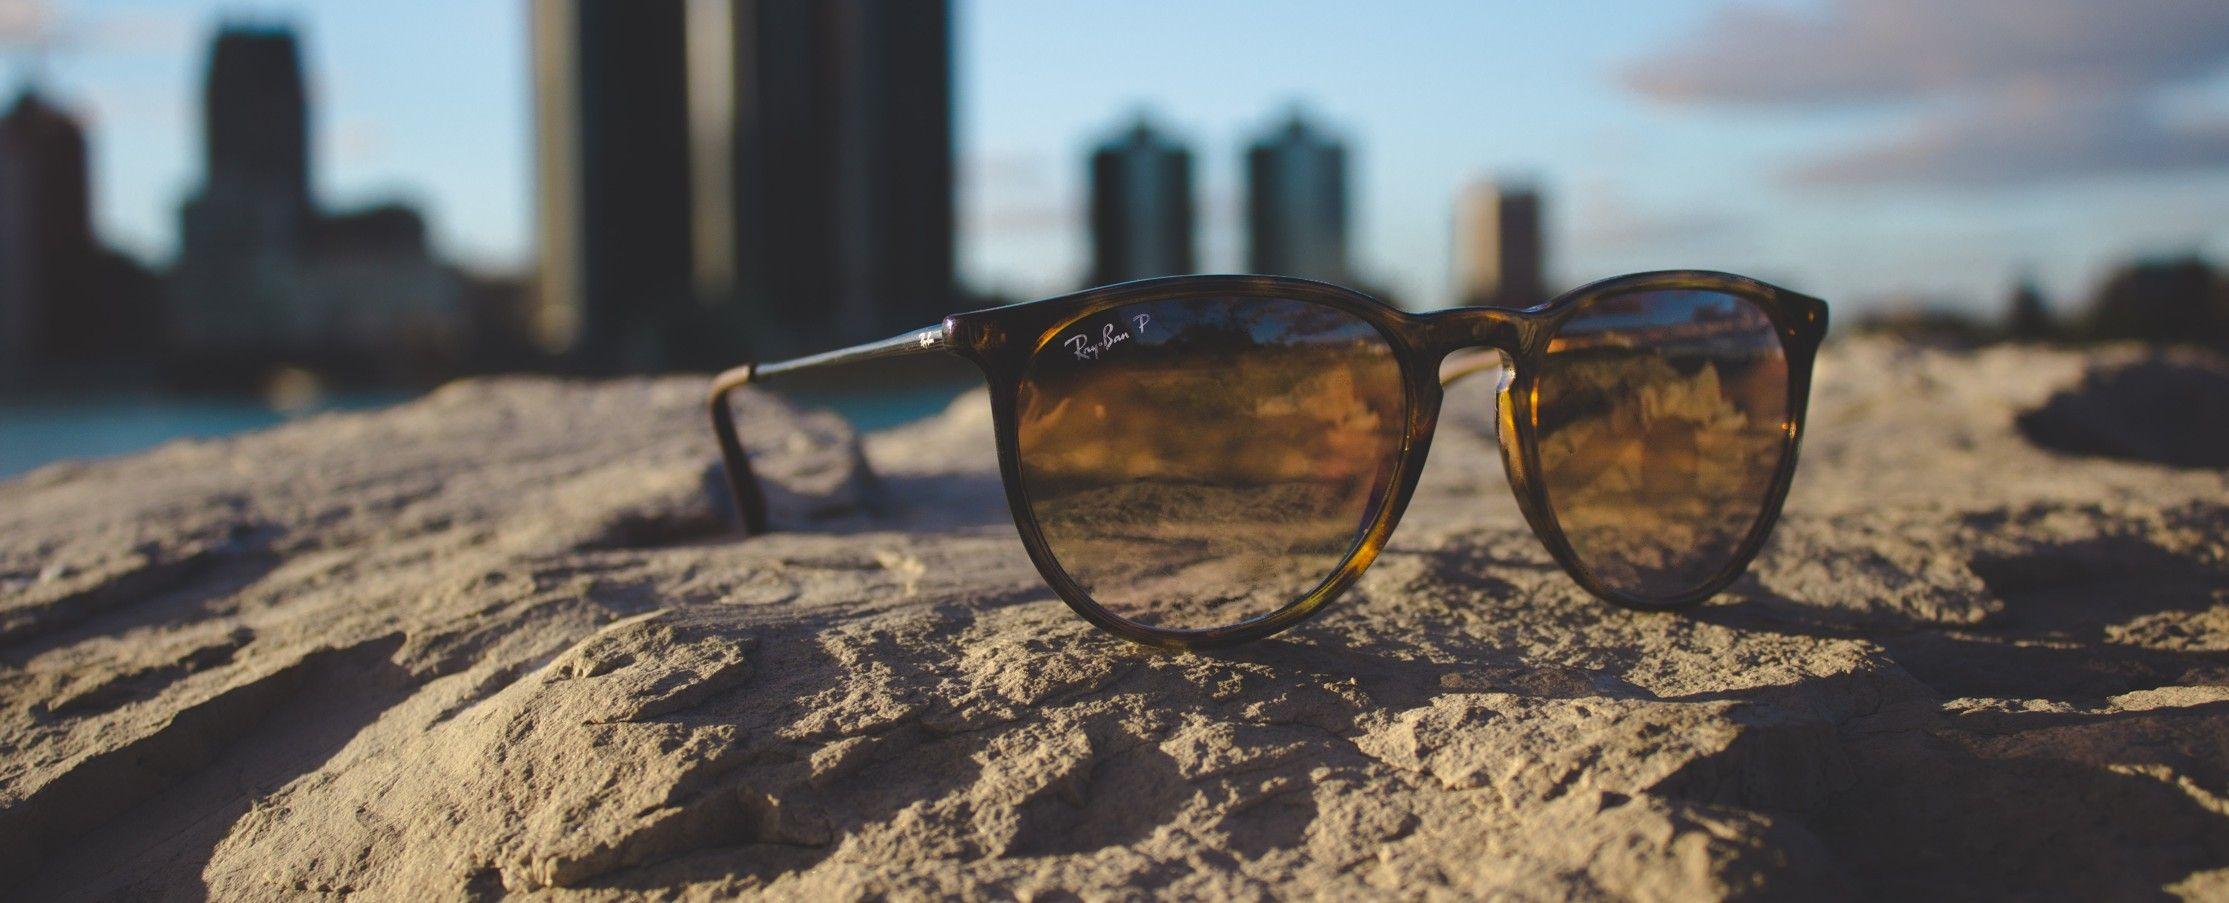 Seccion de gafa de sol